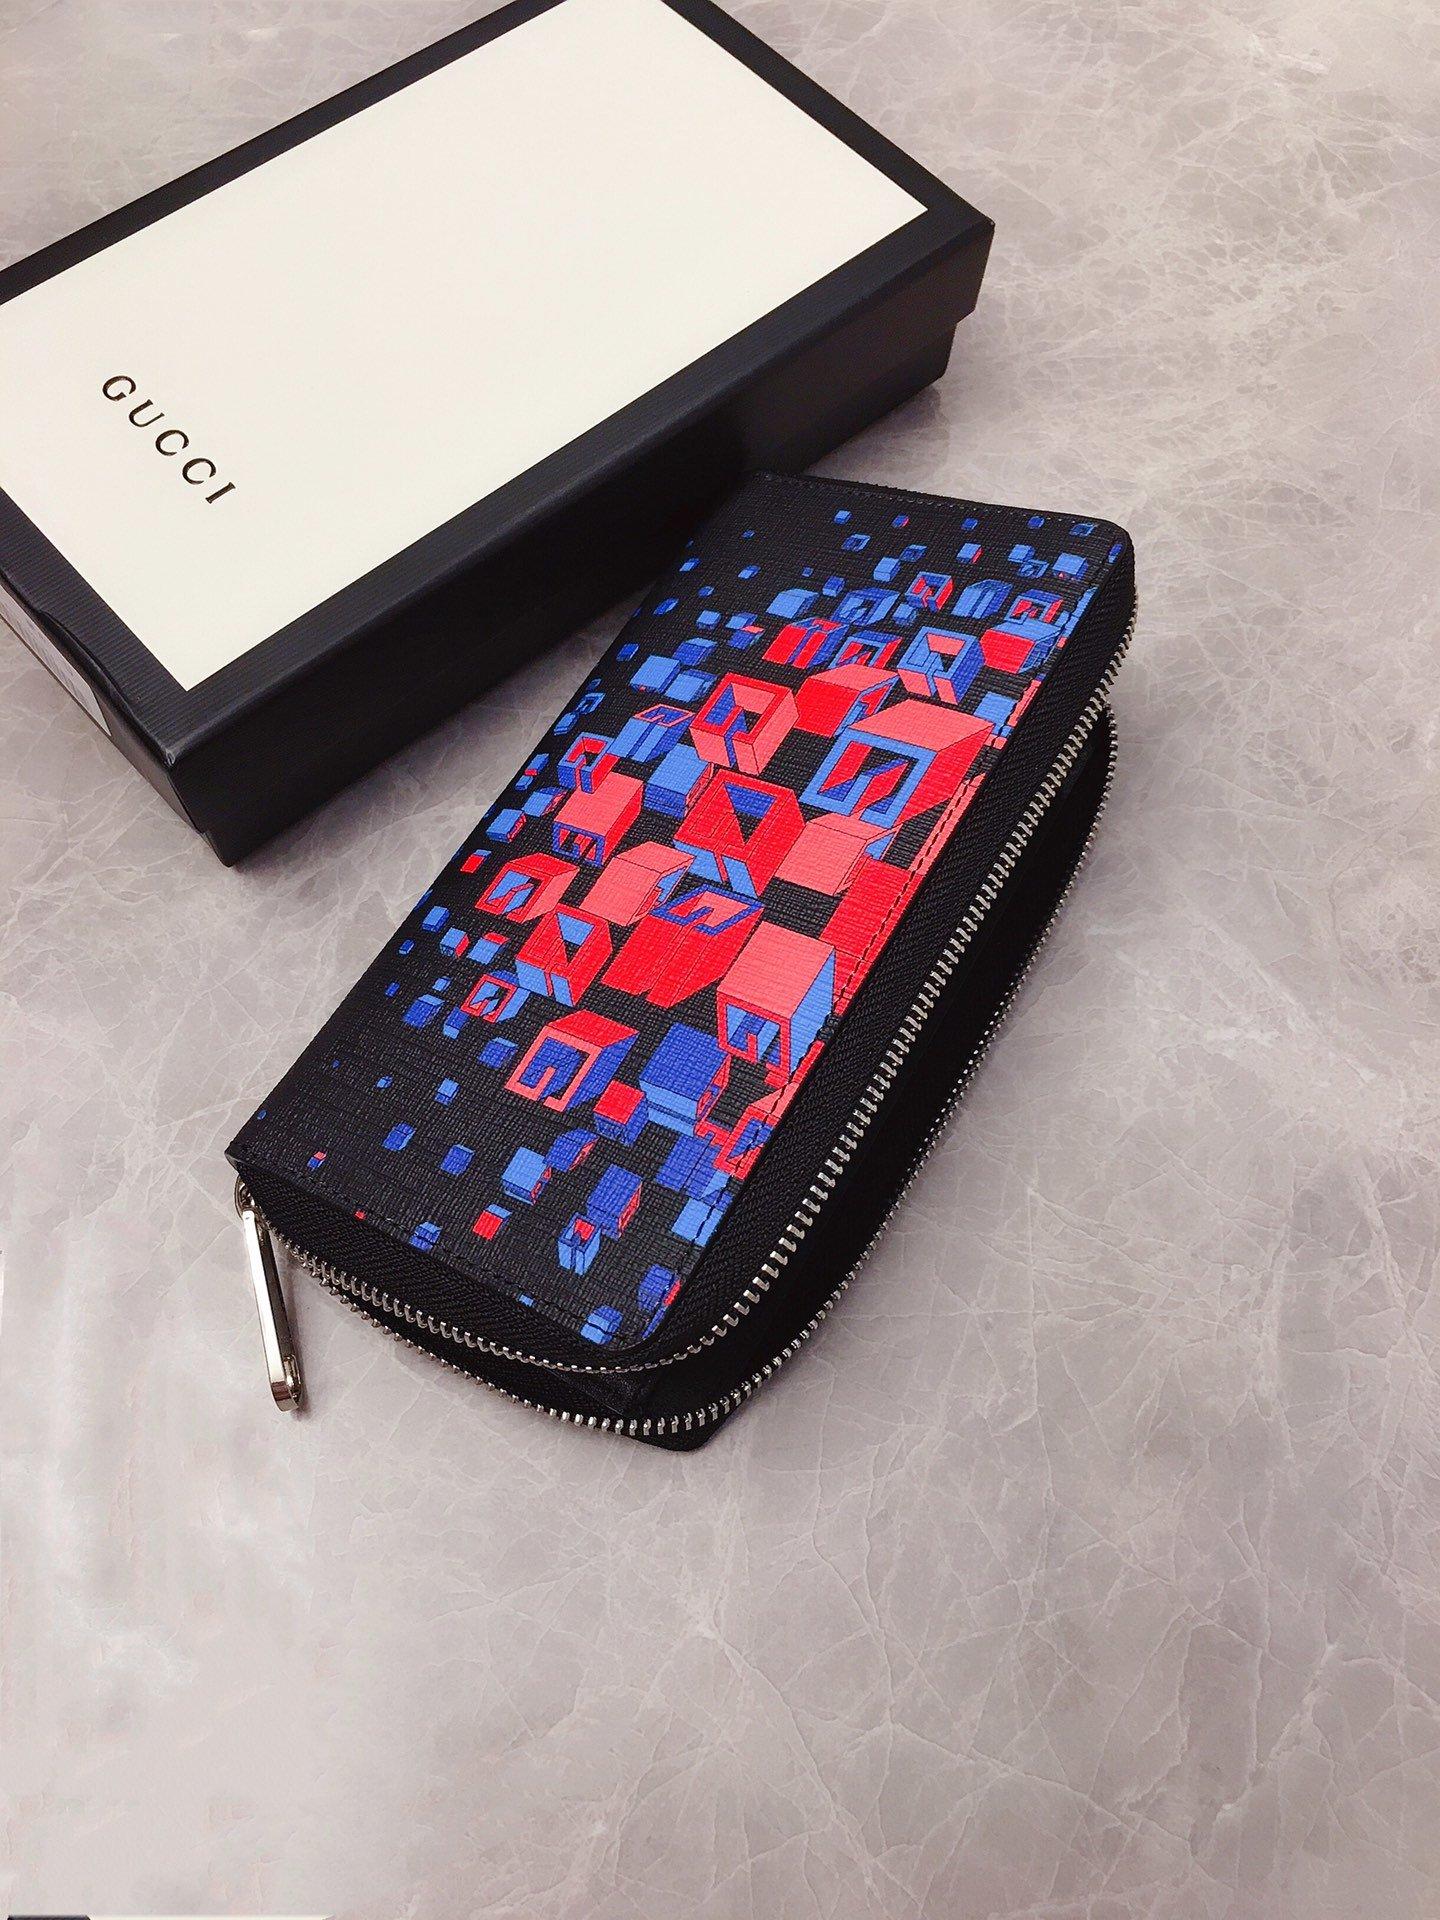 Gucci官网同步更新炫酷3D 时尚型男钱包 型号:628467(图6)